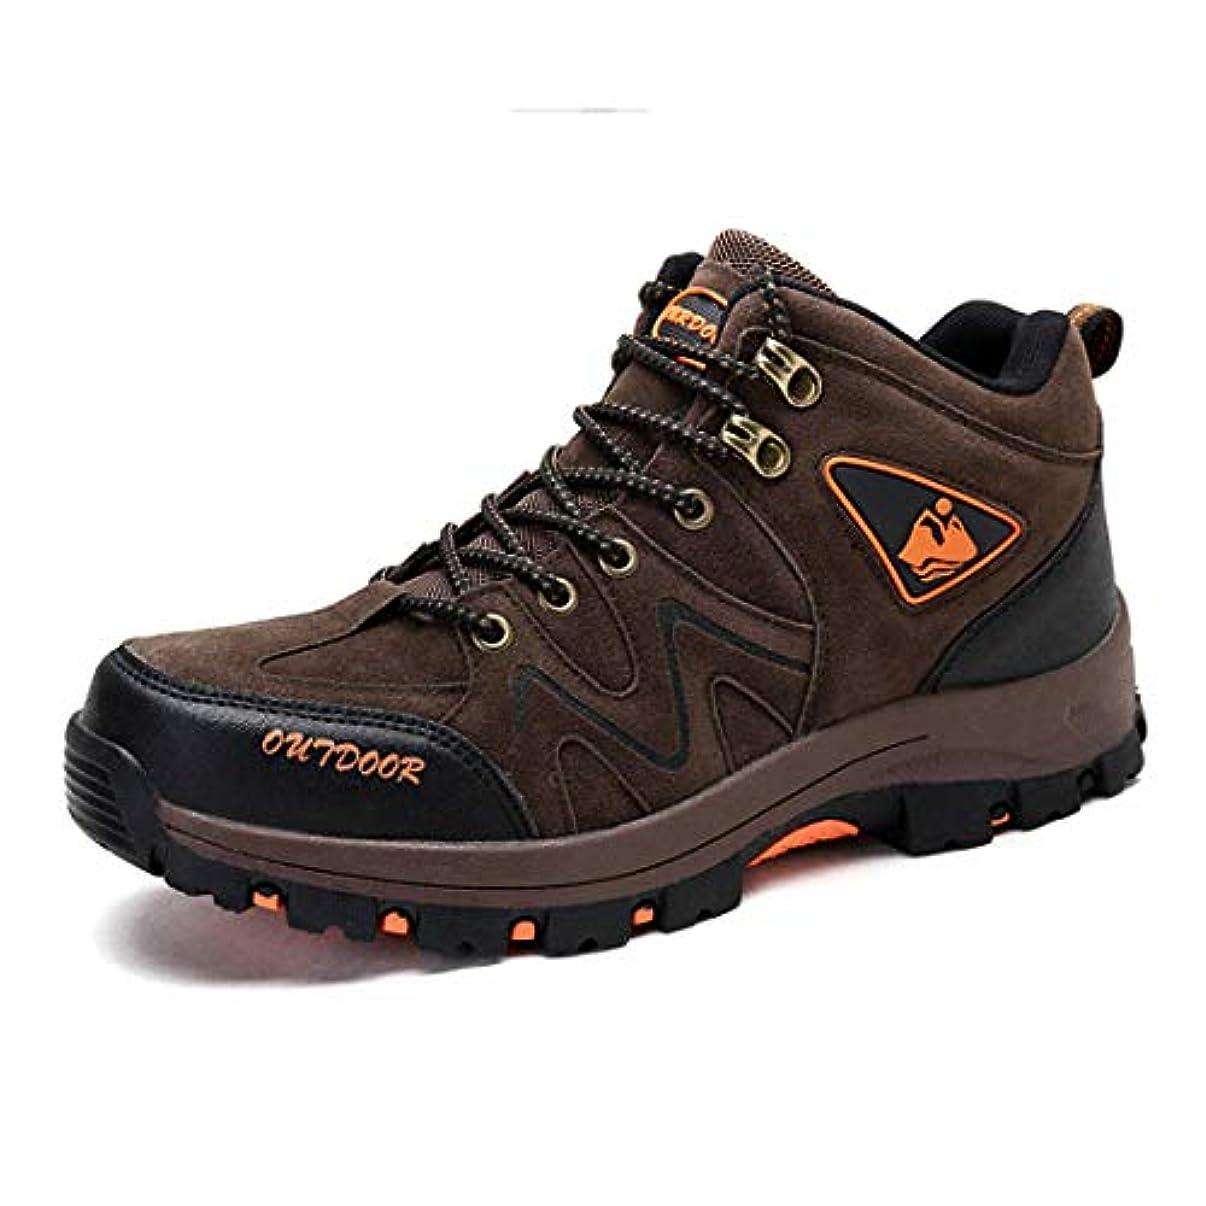 早い王子スペース登山靴トレッキングシューズ皮革ハイキングシューズ アウトドアシューズアウトドア キャンプ シューズ メンズ防水